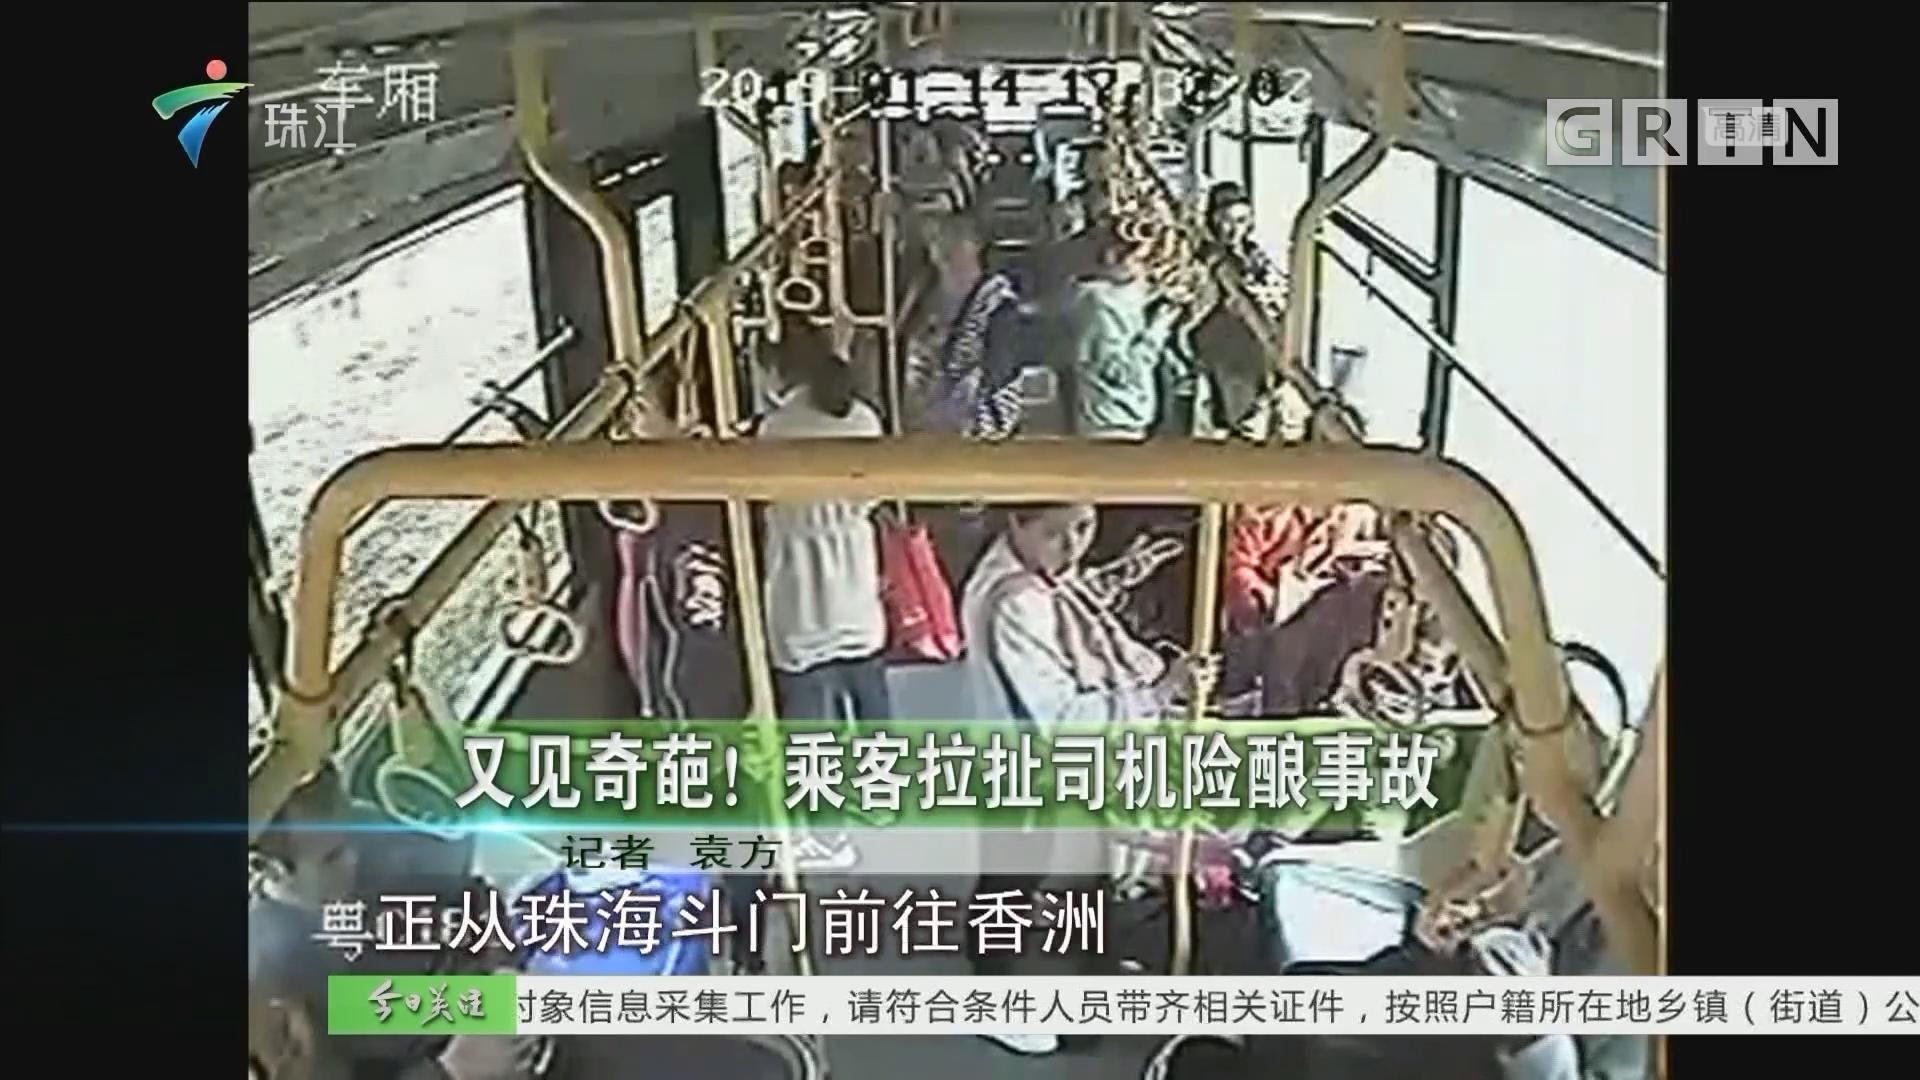 又见奇葩!乘客拉扯司机险酿事故